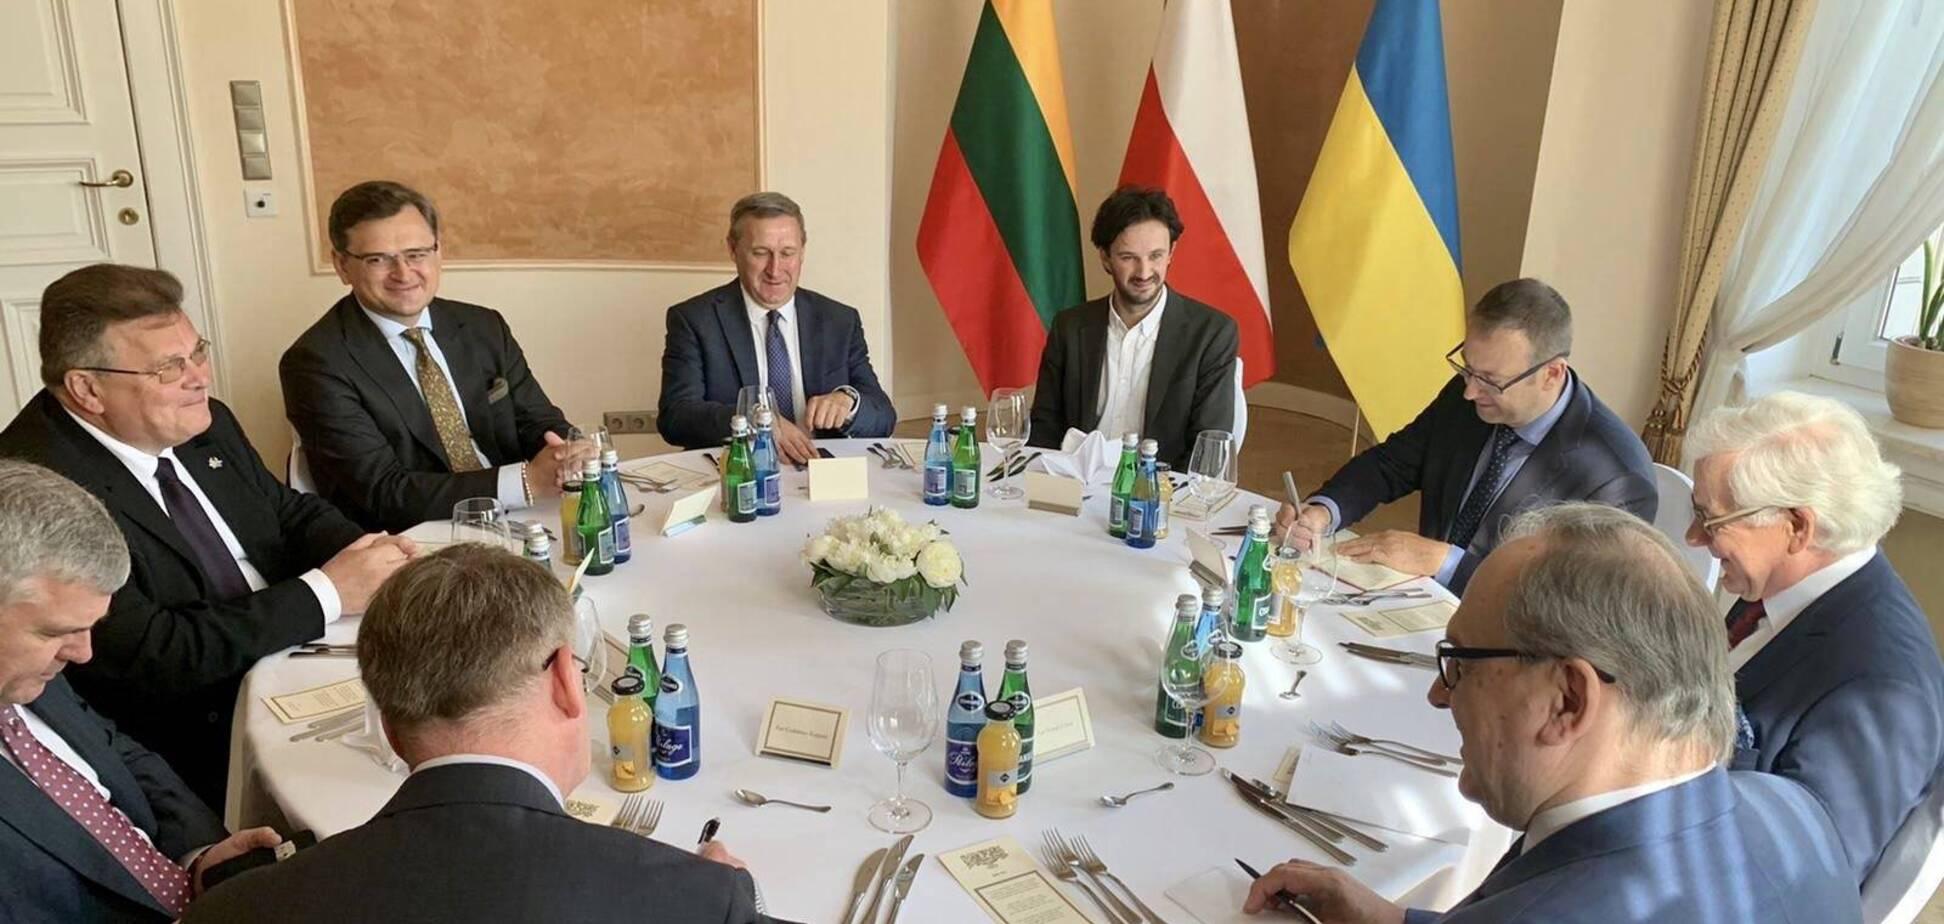 Польша, Литва и Украина создали 'Люблинский треугольник'